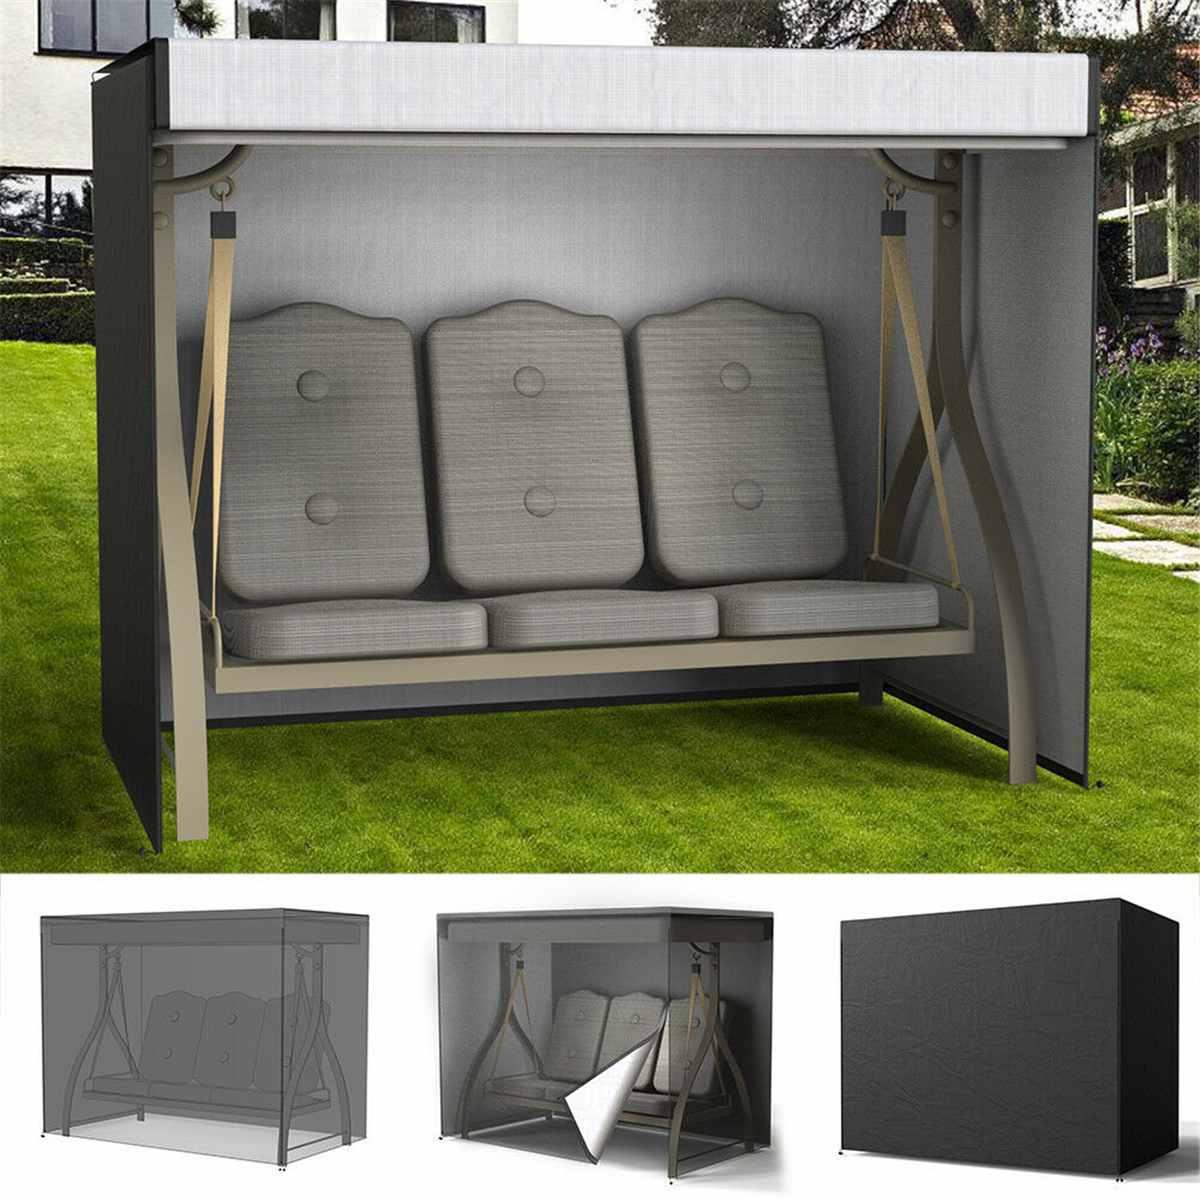 Couverture résistante imperméable de siège d'oscillation Patio de jardin Protection de hamac de 3 places Protection UV de meubles couverture noire 220x170x145 cm